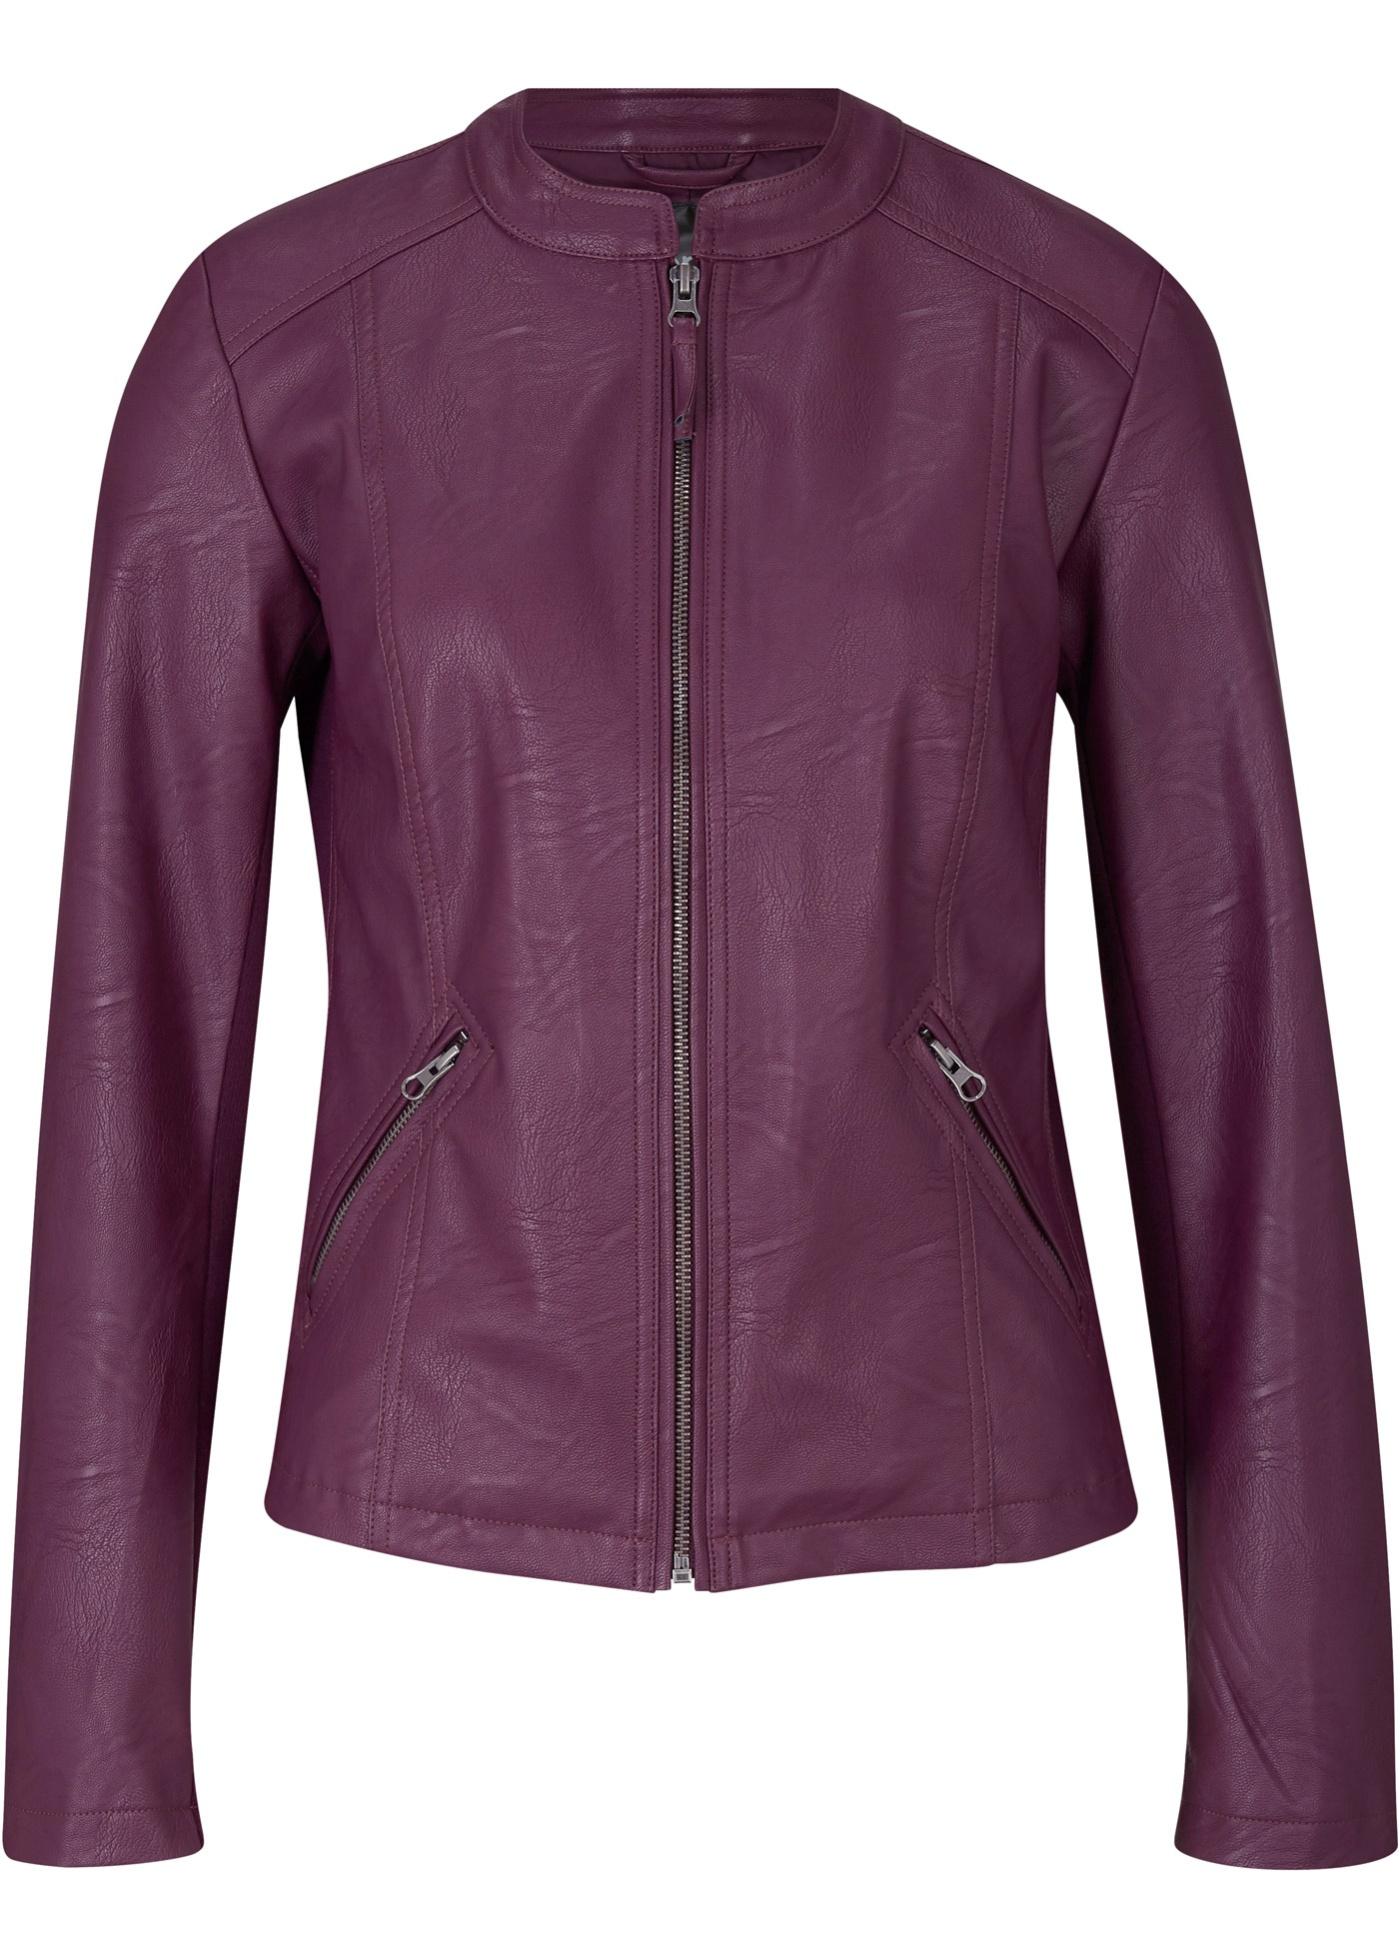 Lederimitat-Jacke mit seitliche Stretcheinsätzen